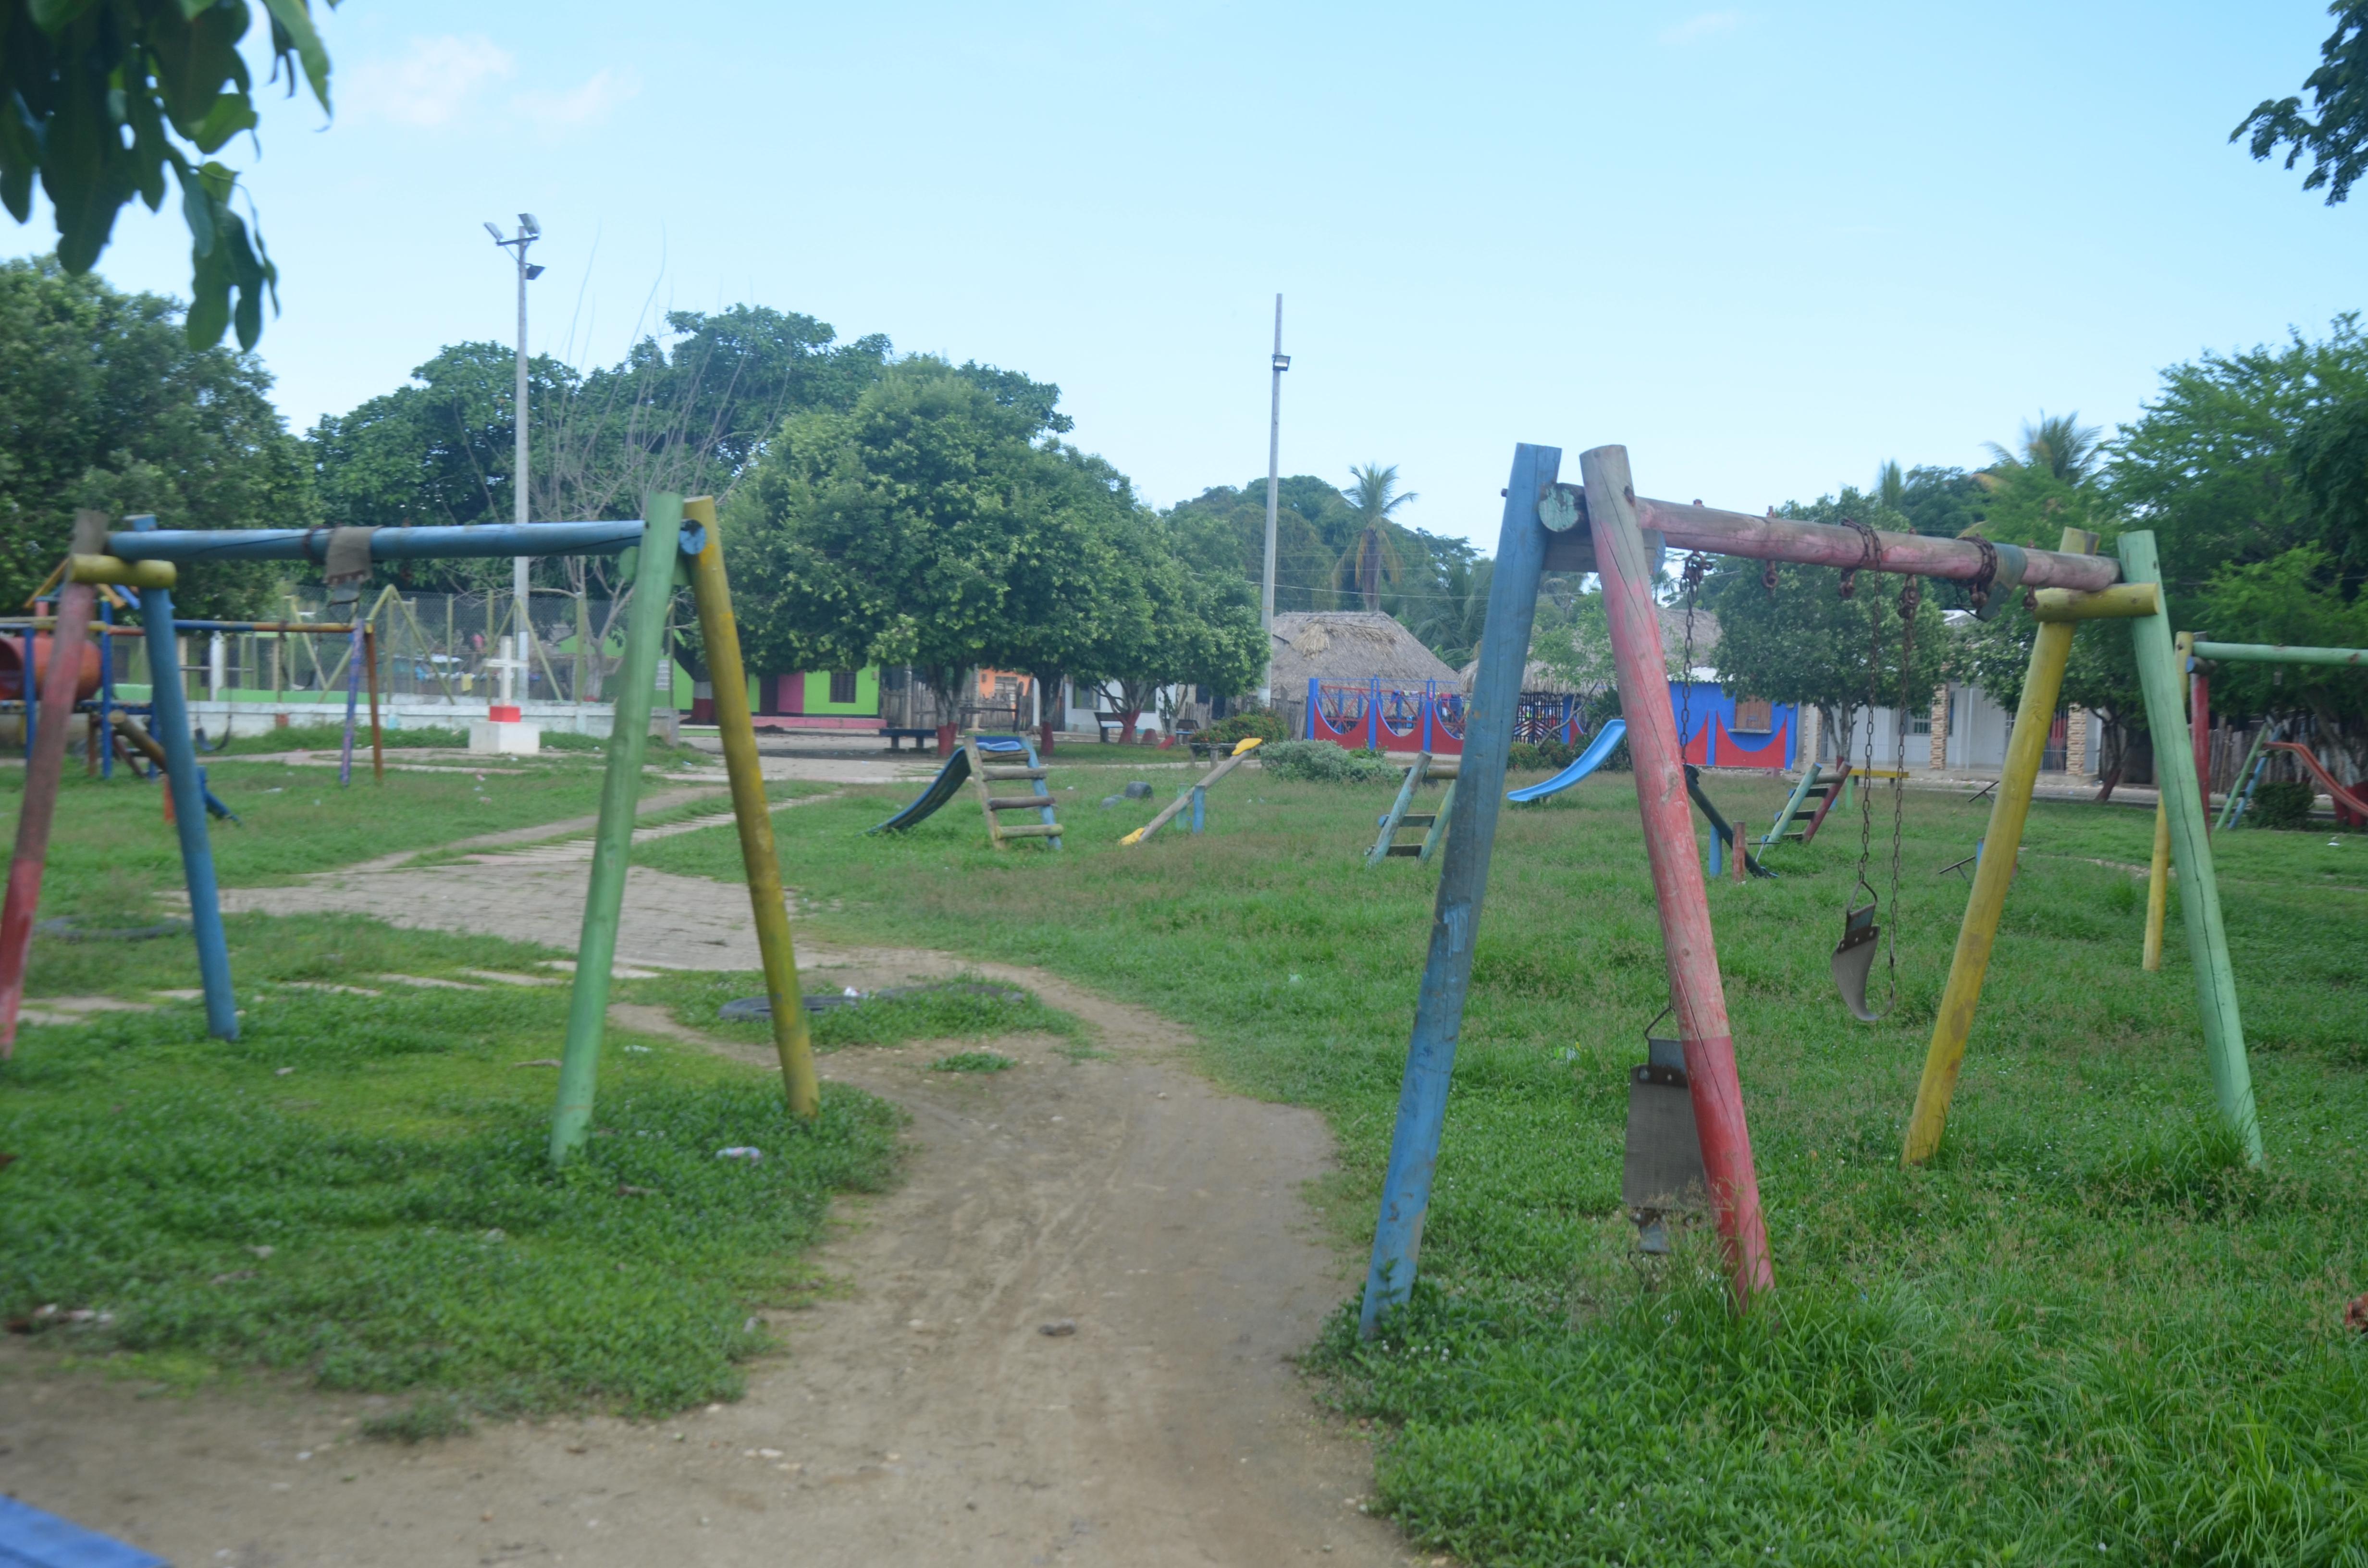 El parque central desluce deteriorado. Los juegos infantiles están partidos y el terreno enmontados.